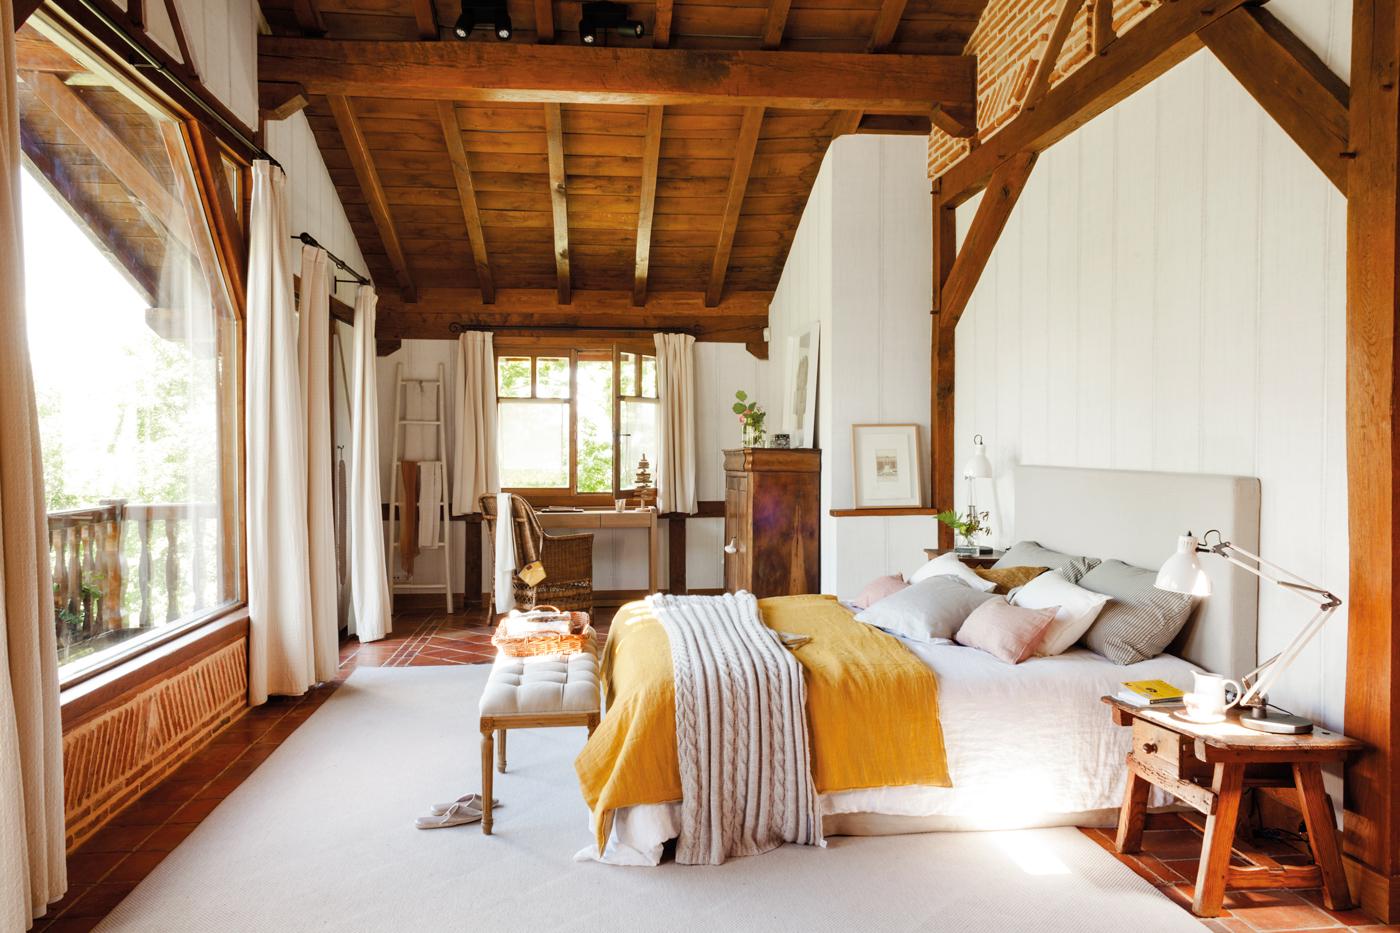 00461031. Dormitorio rústico con techos de vigas, ventanal, cabecero tapizado, mesitas antiguas y flexos 00461031